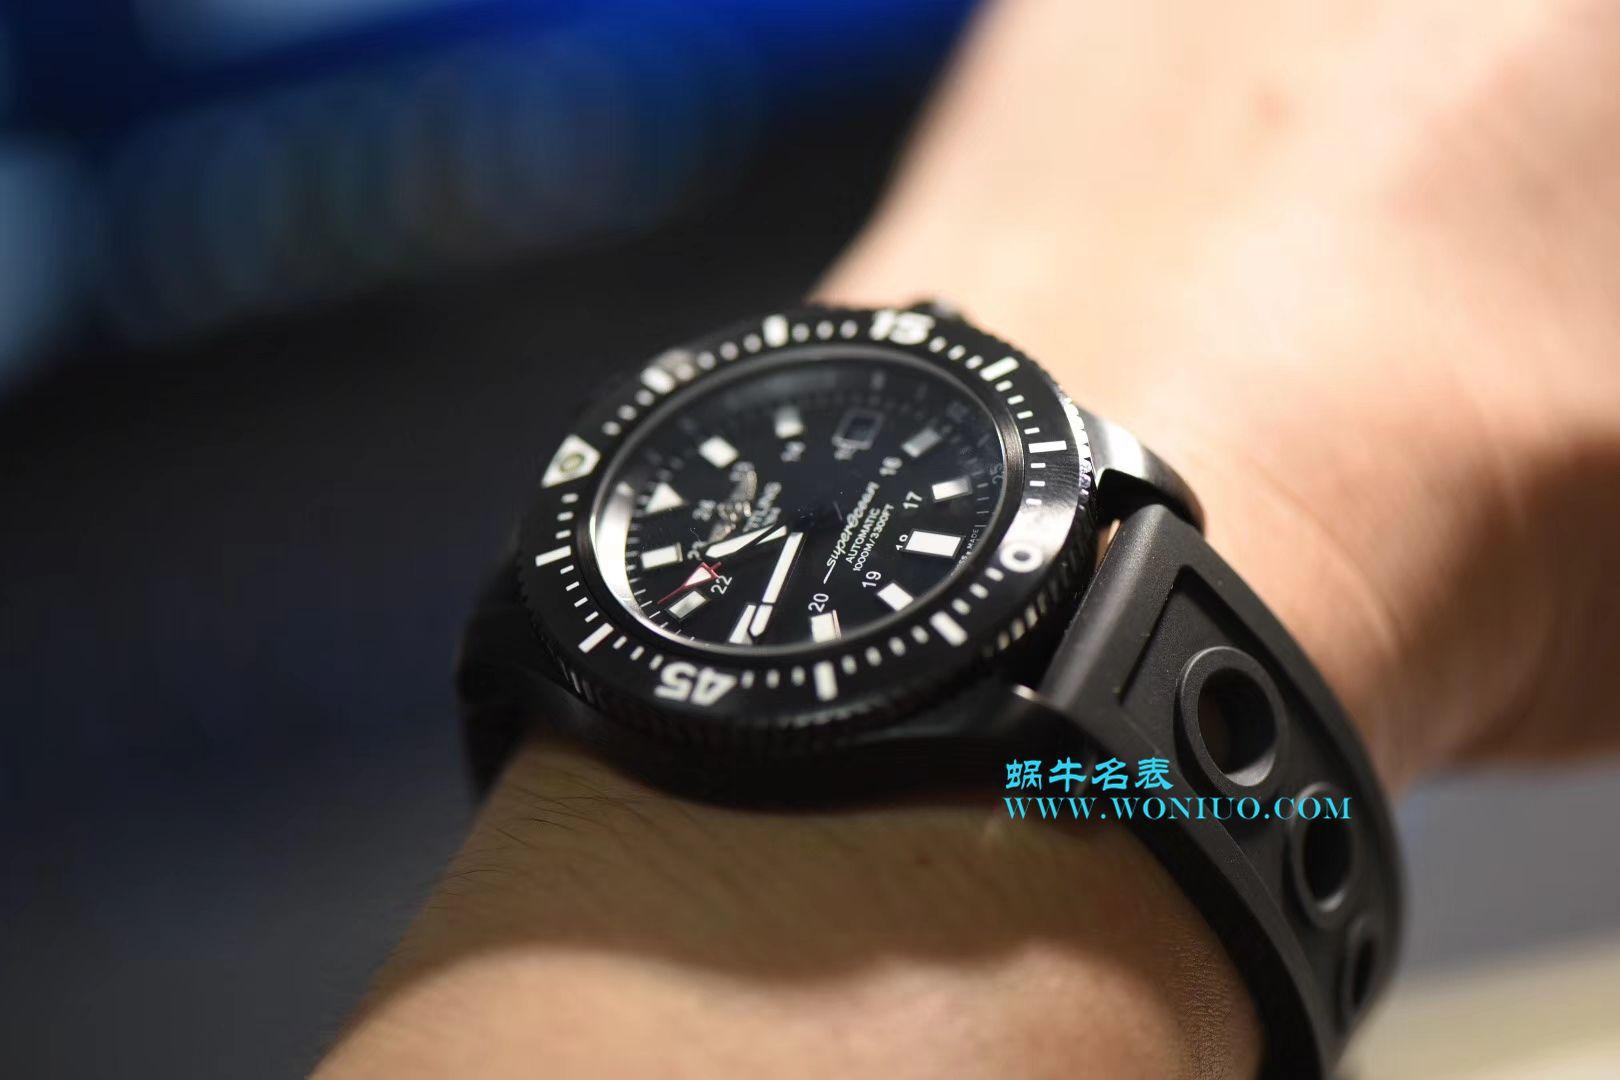 【渠道原单】百年灵Breitling超级海洋系列44特别版腕表系列 M17393AN|BE92|227S|M20SS.1腕表 / BL098